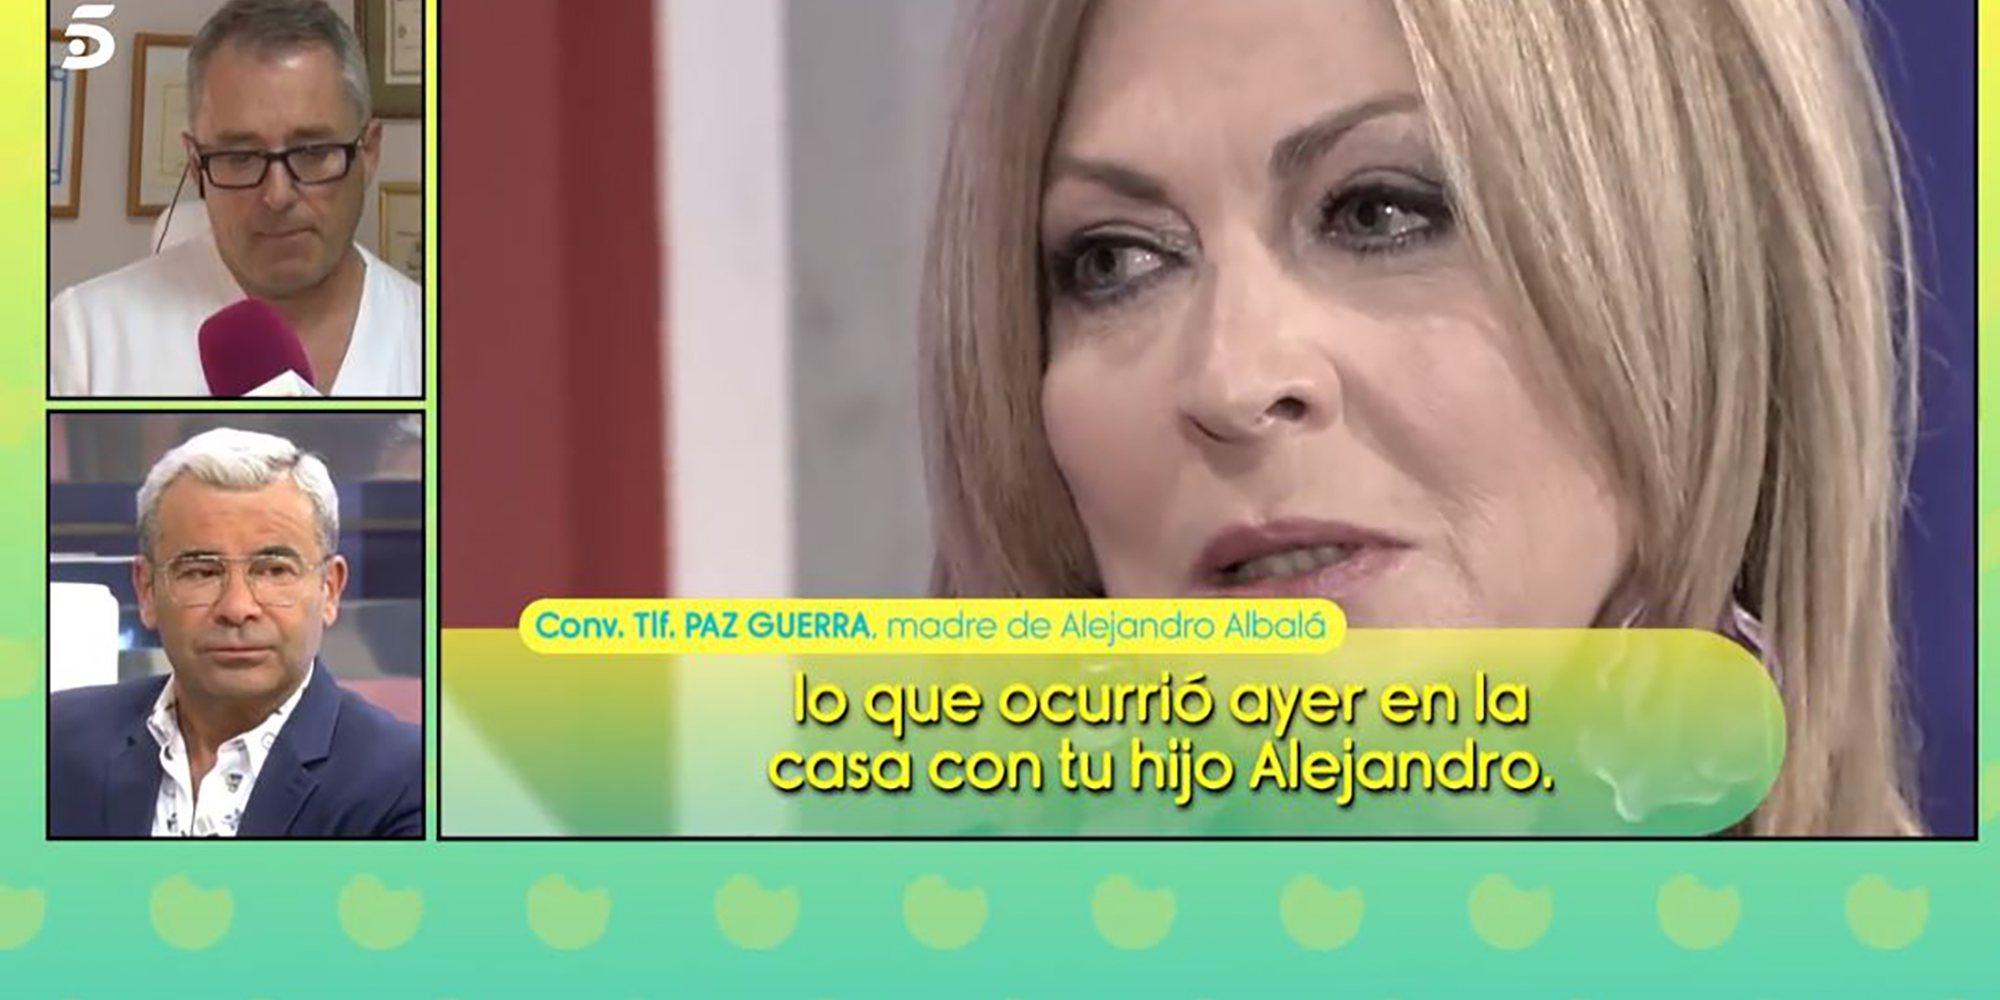 """La madre de Albalá critica duramente el comportamiento de Jorge Javier hacia su hijo: """"Me pareció patético"""""""